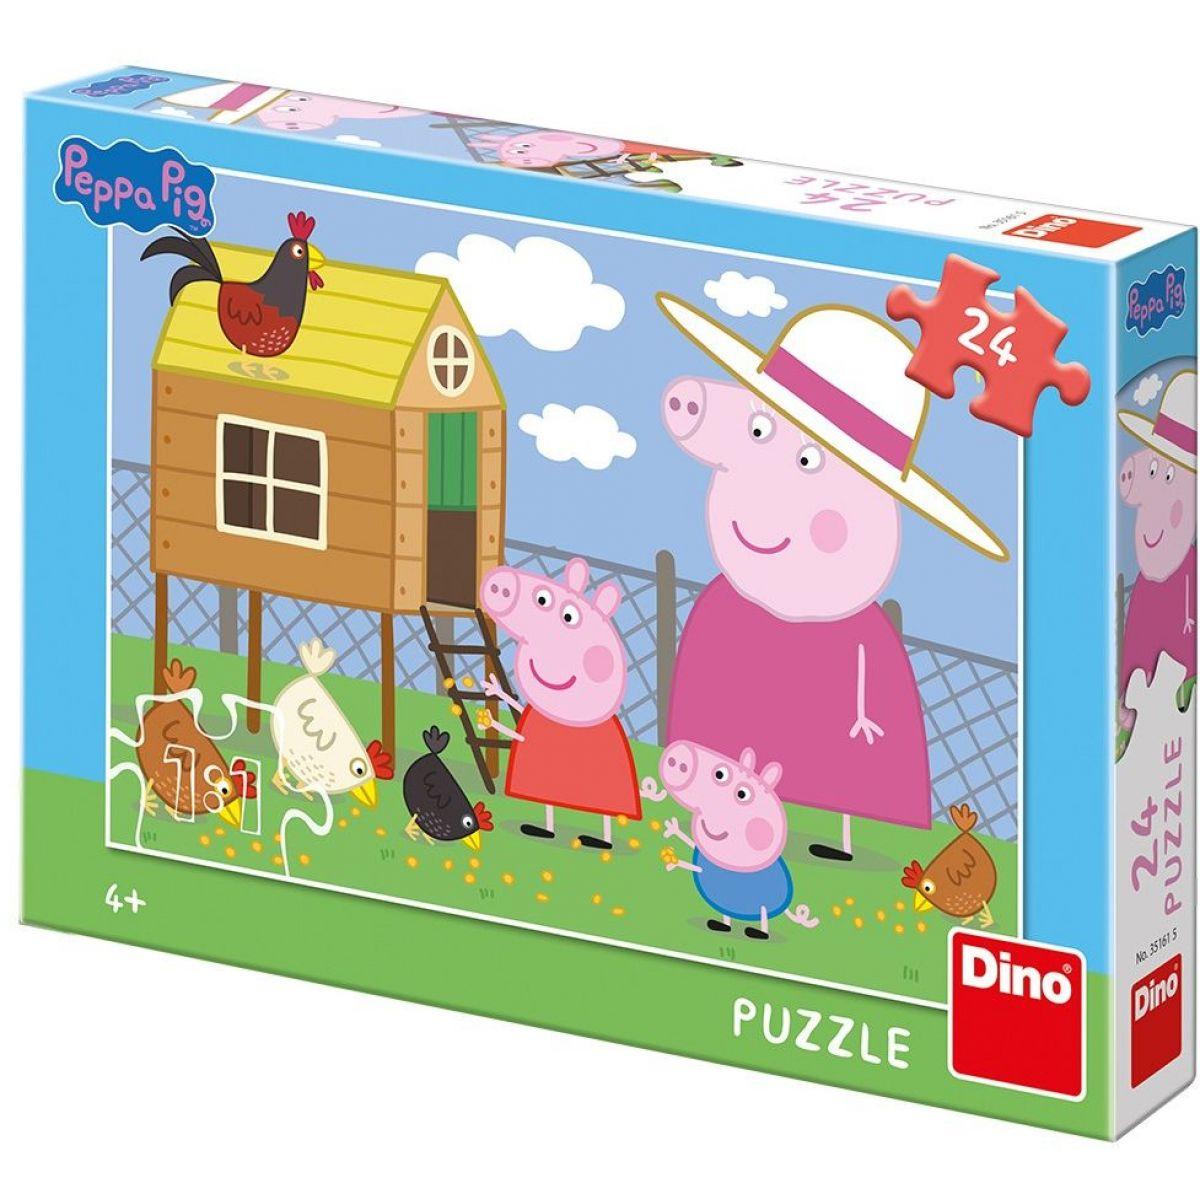 Dino Puzzle Peppa Pig Sliepočky 24 dílků